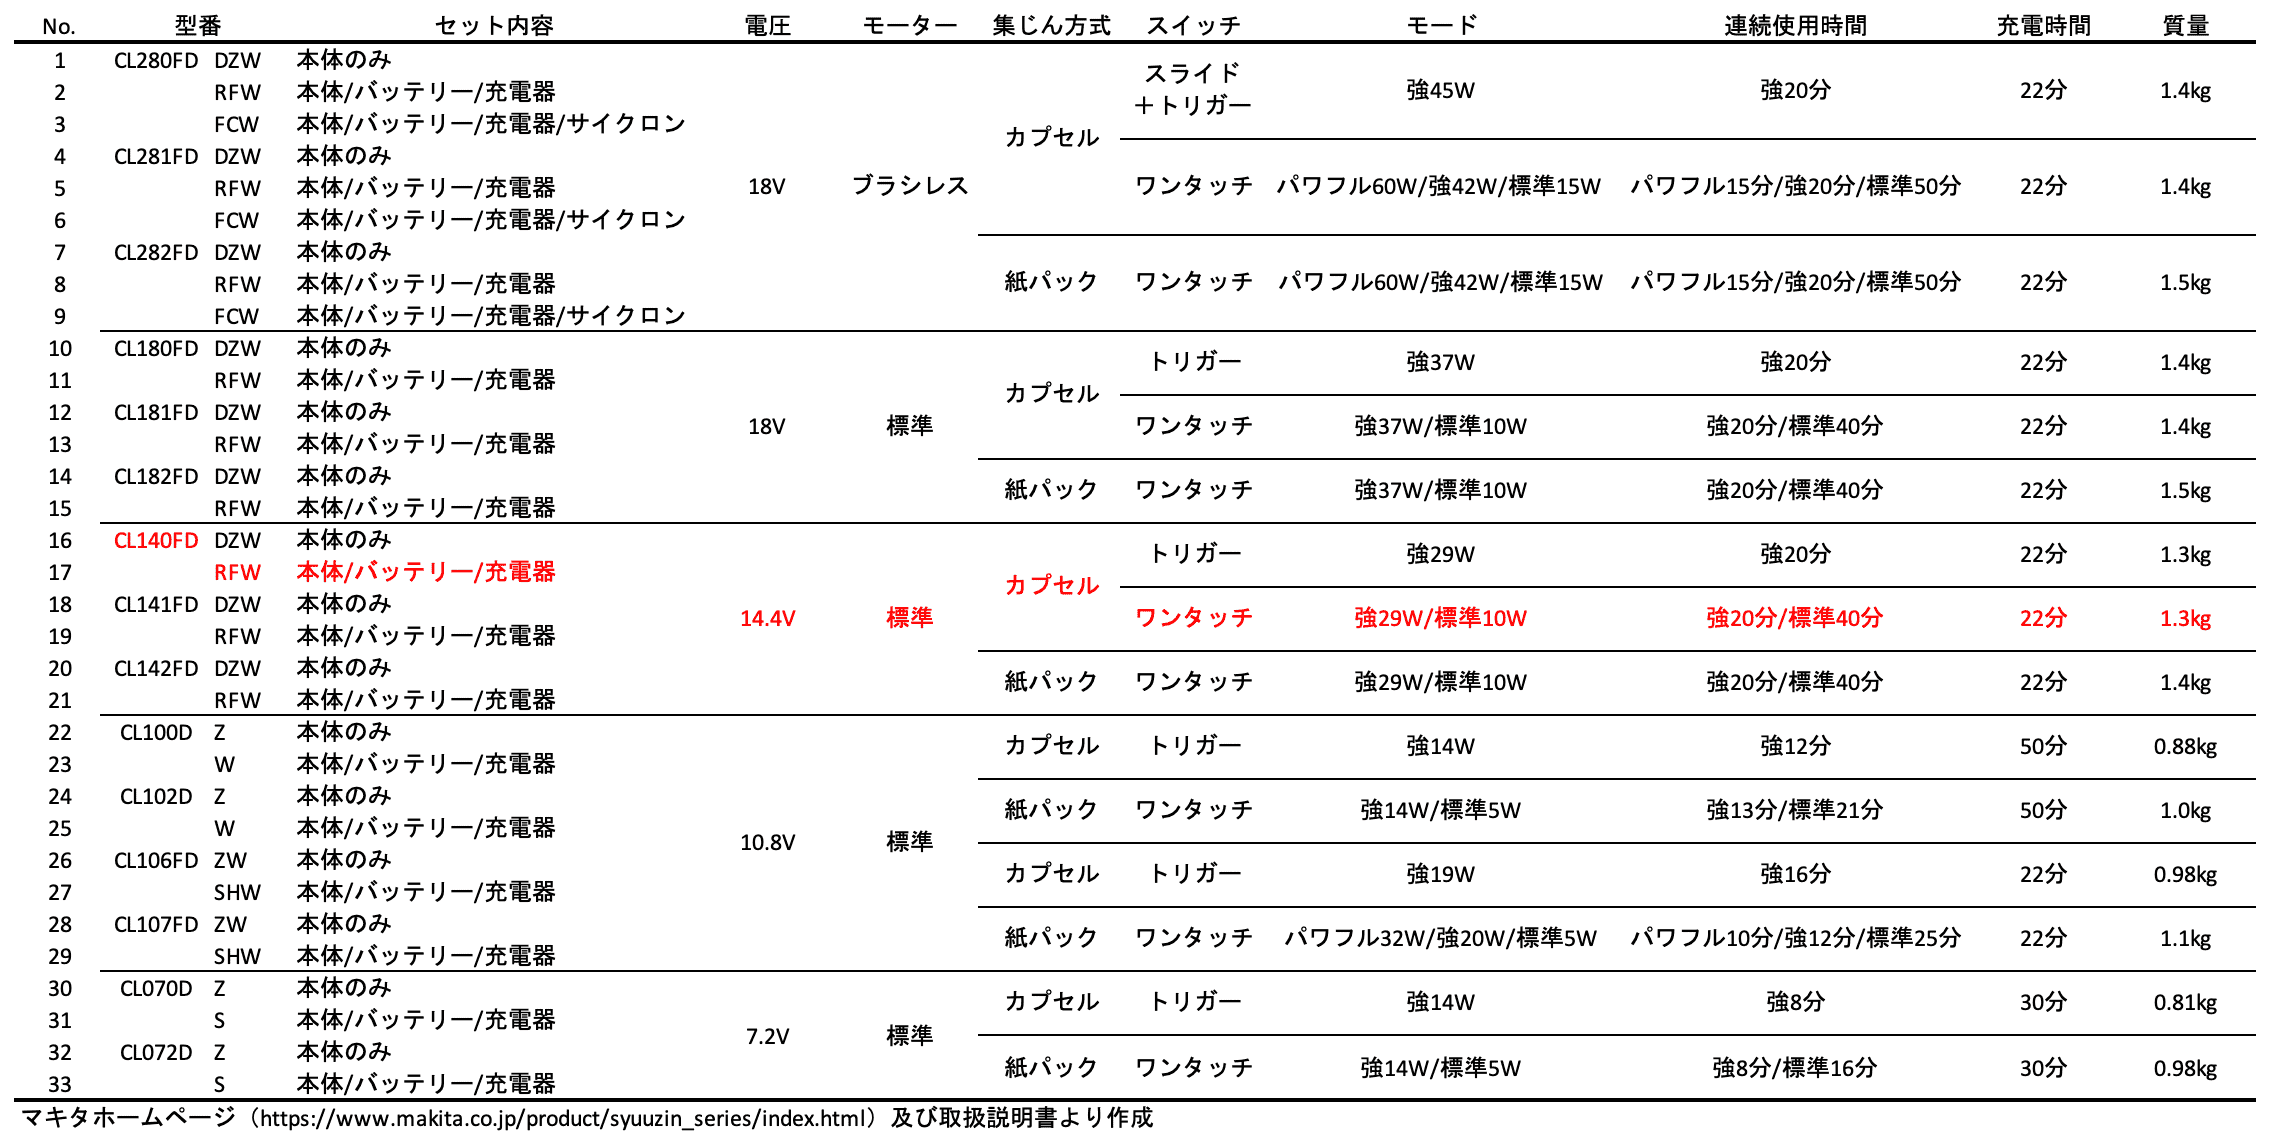 マキタコードレスクリーナー仕様比較一覧表